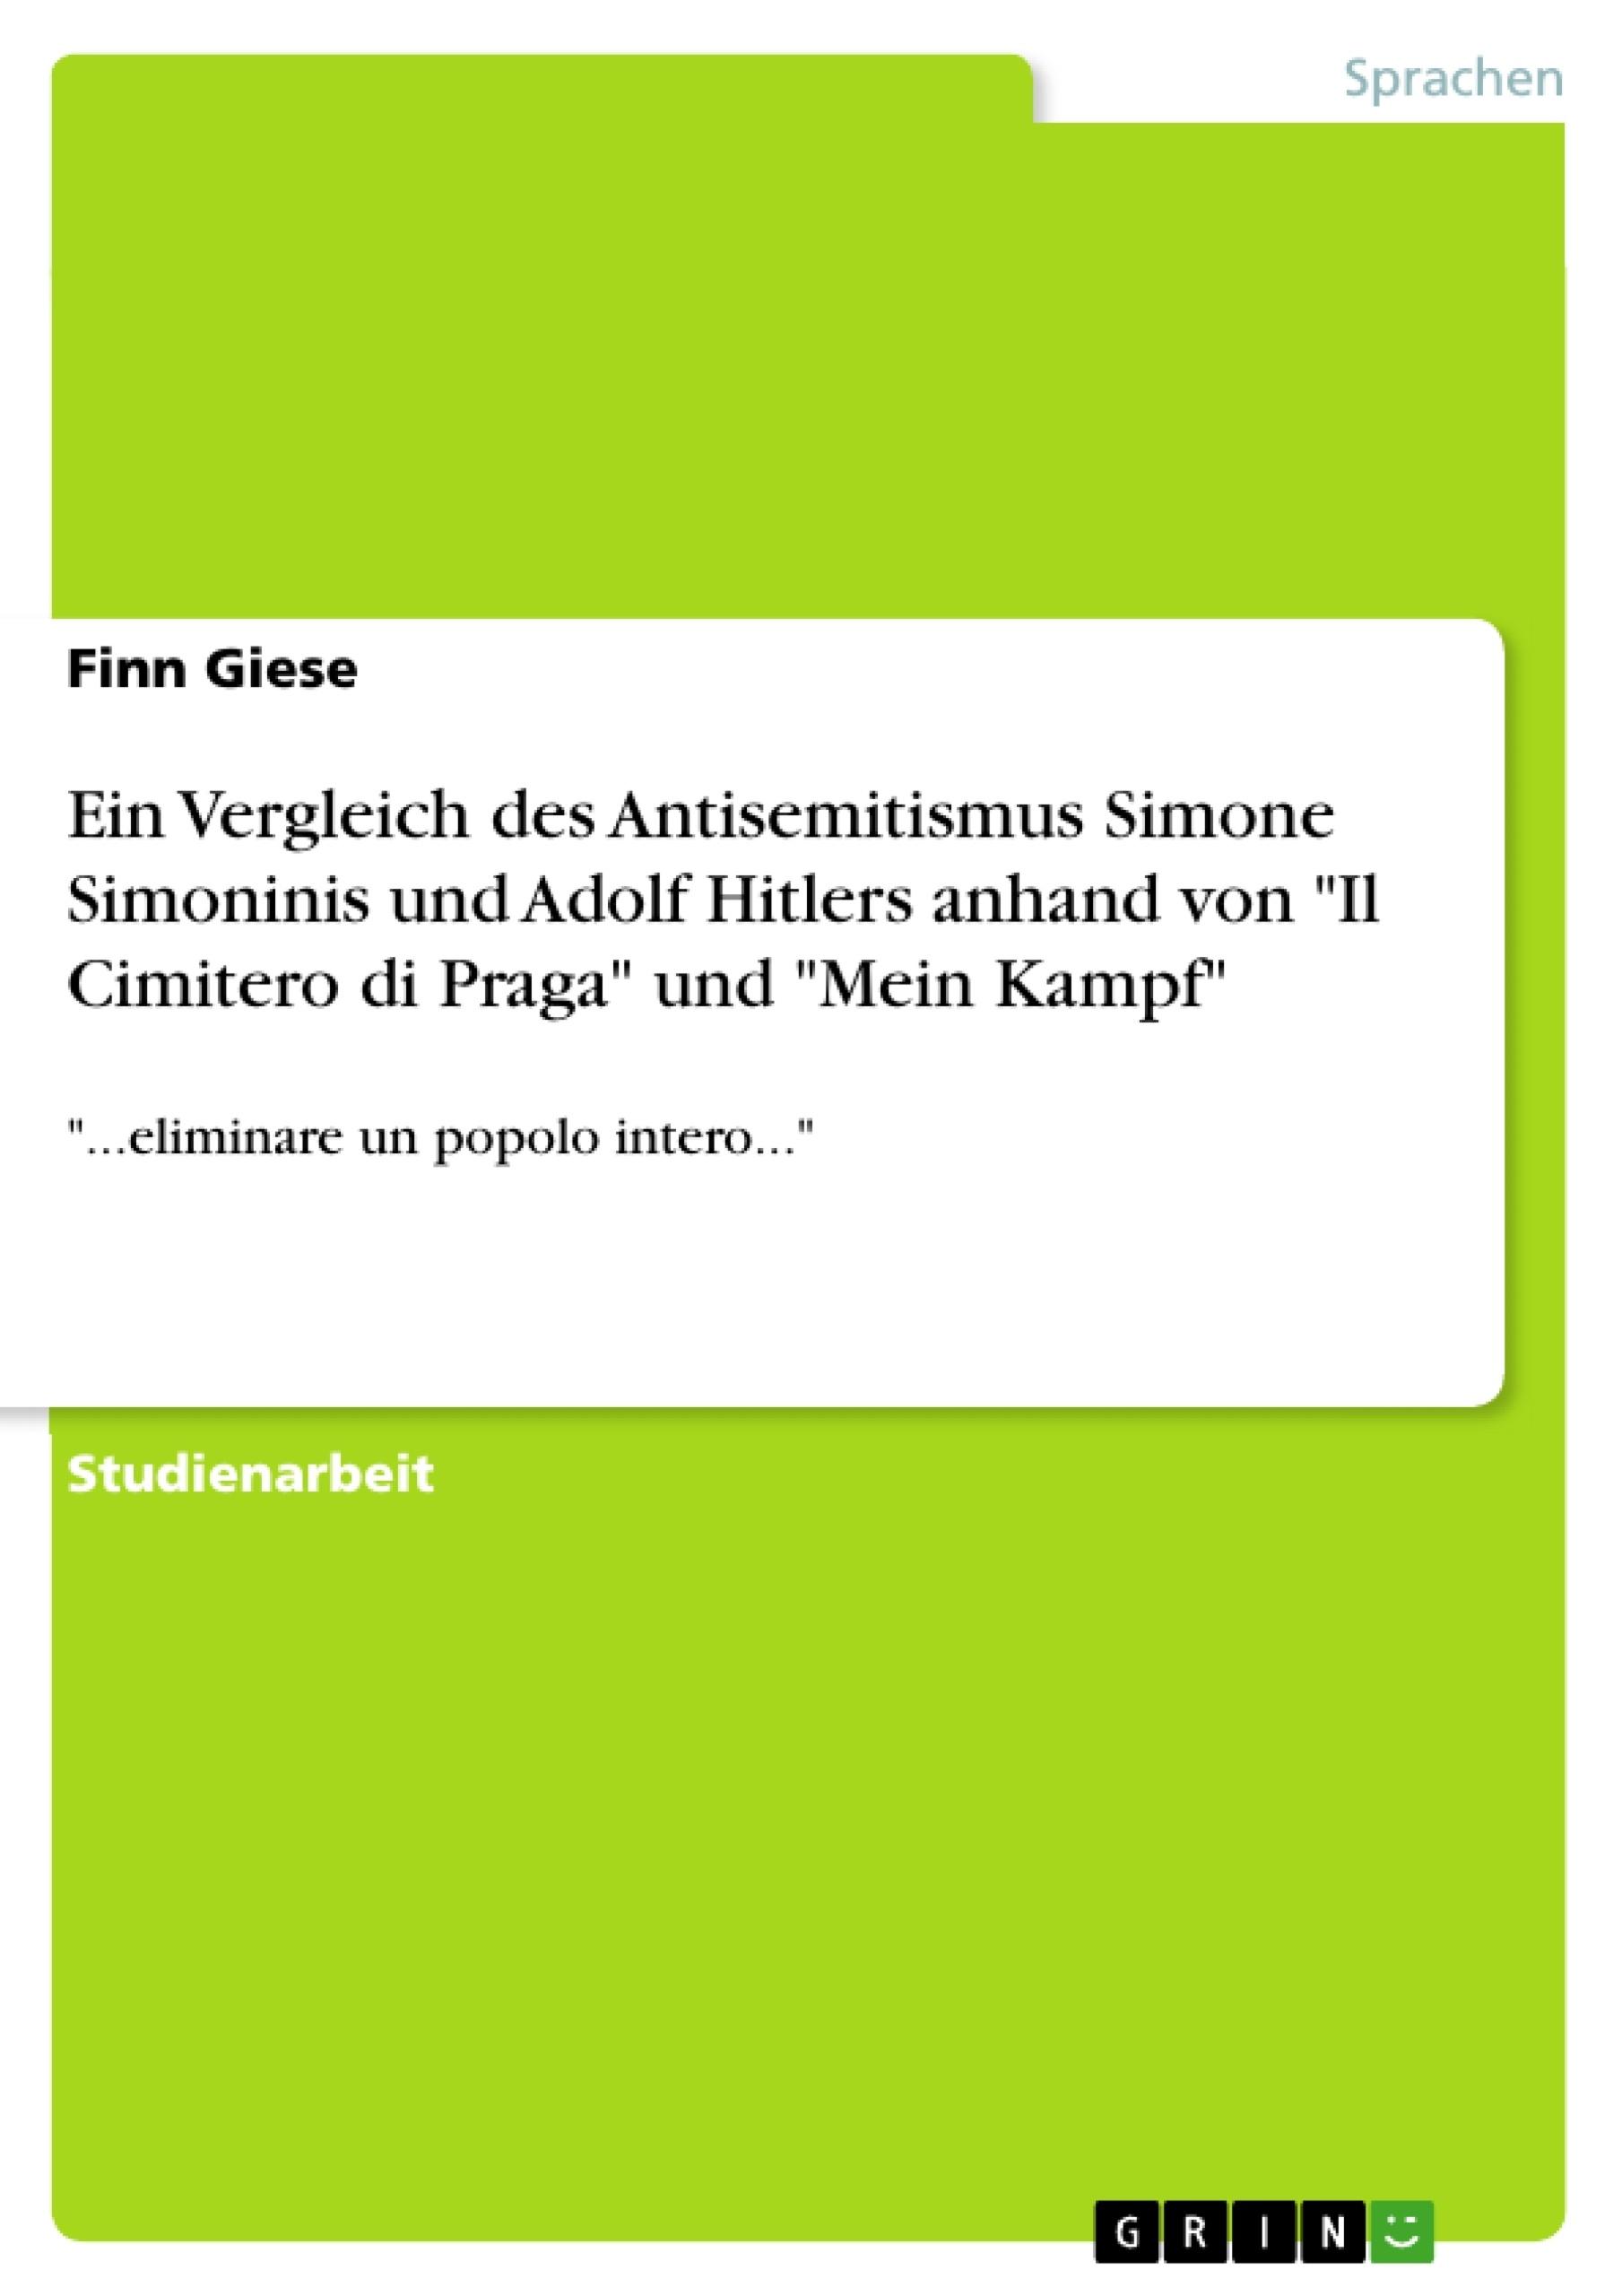 """Titel: Ein Vergleich des Antisemitismus Simone Simoninis und Adolf Hitlers anhand von """"Il Cimitero di Praga"""" und """"Mein Kampf"""""""